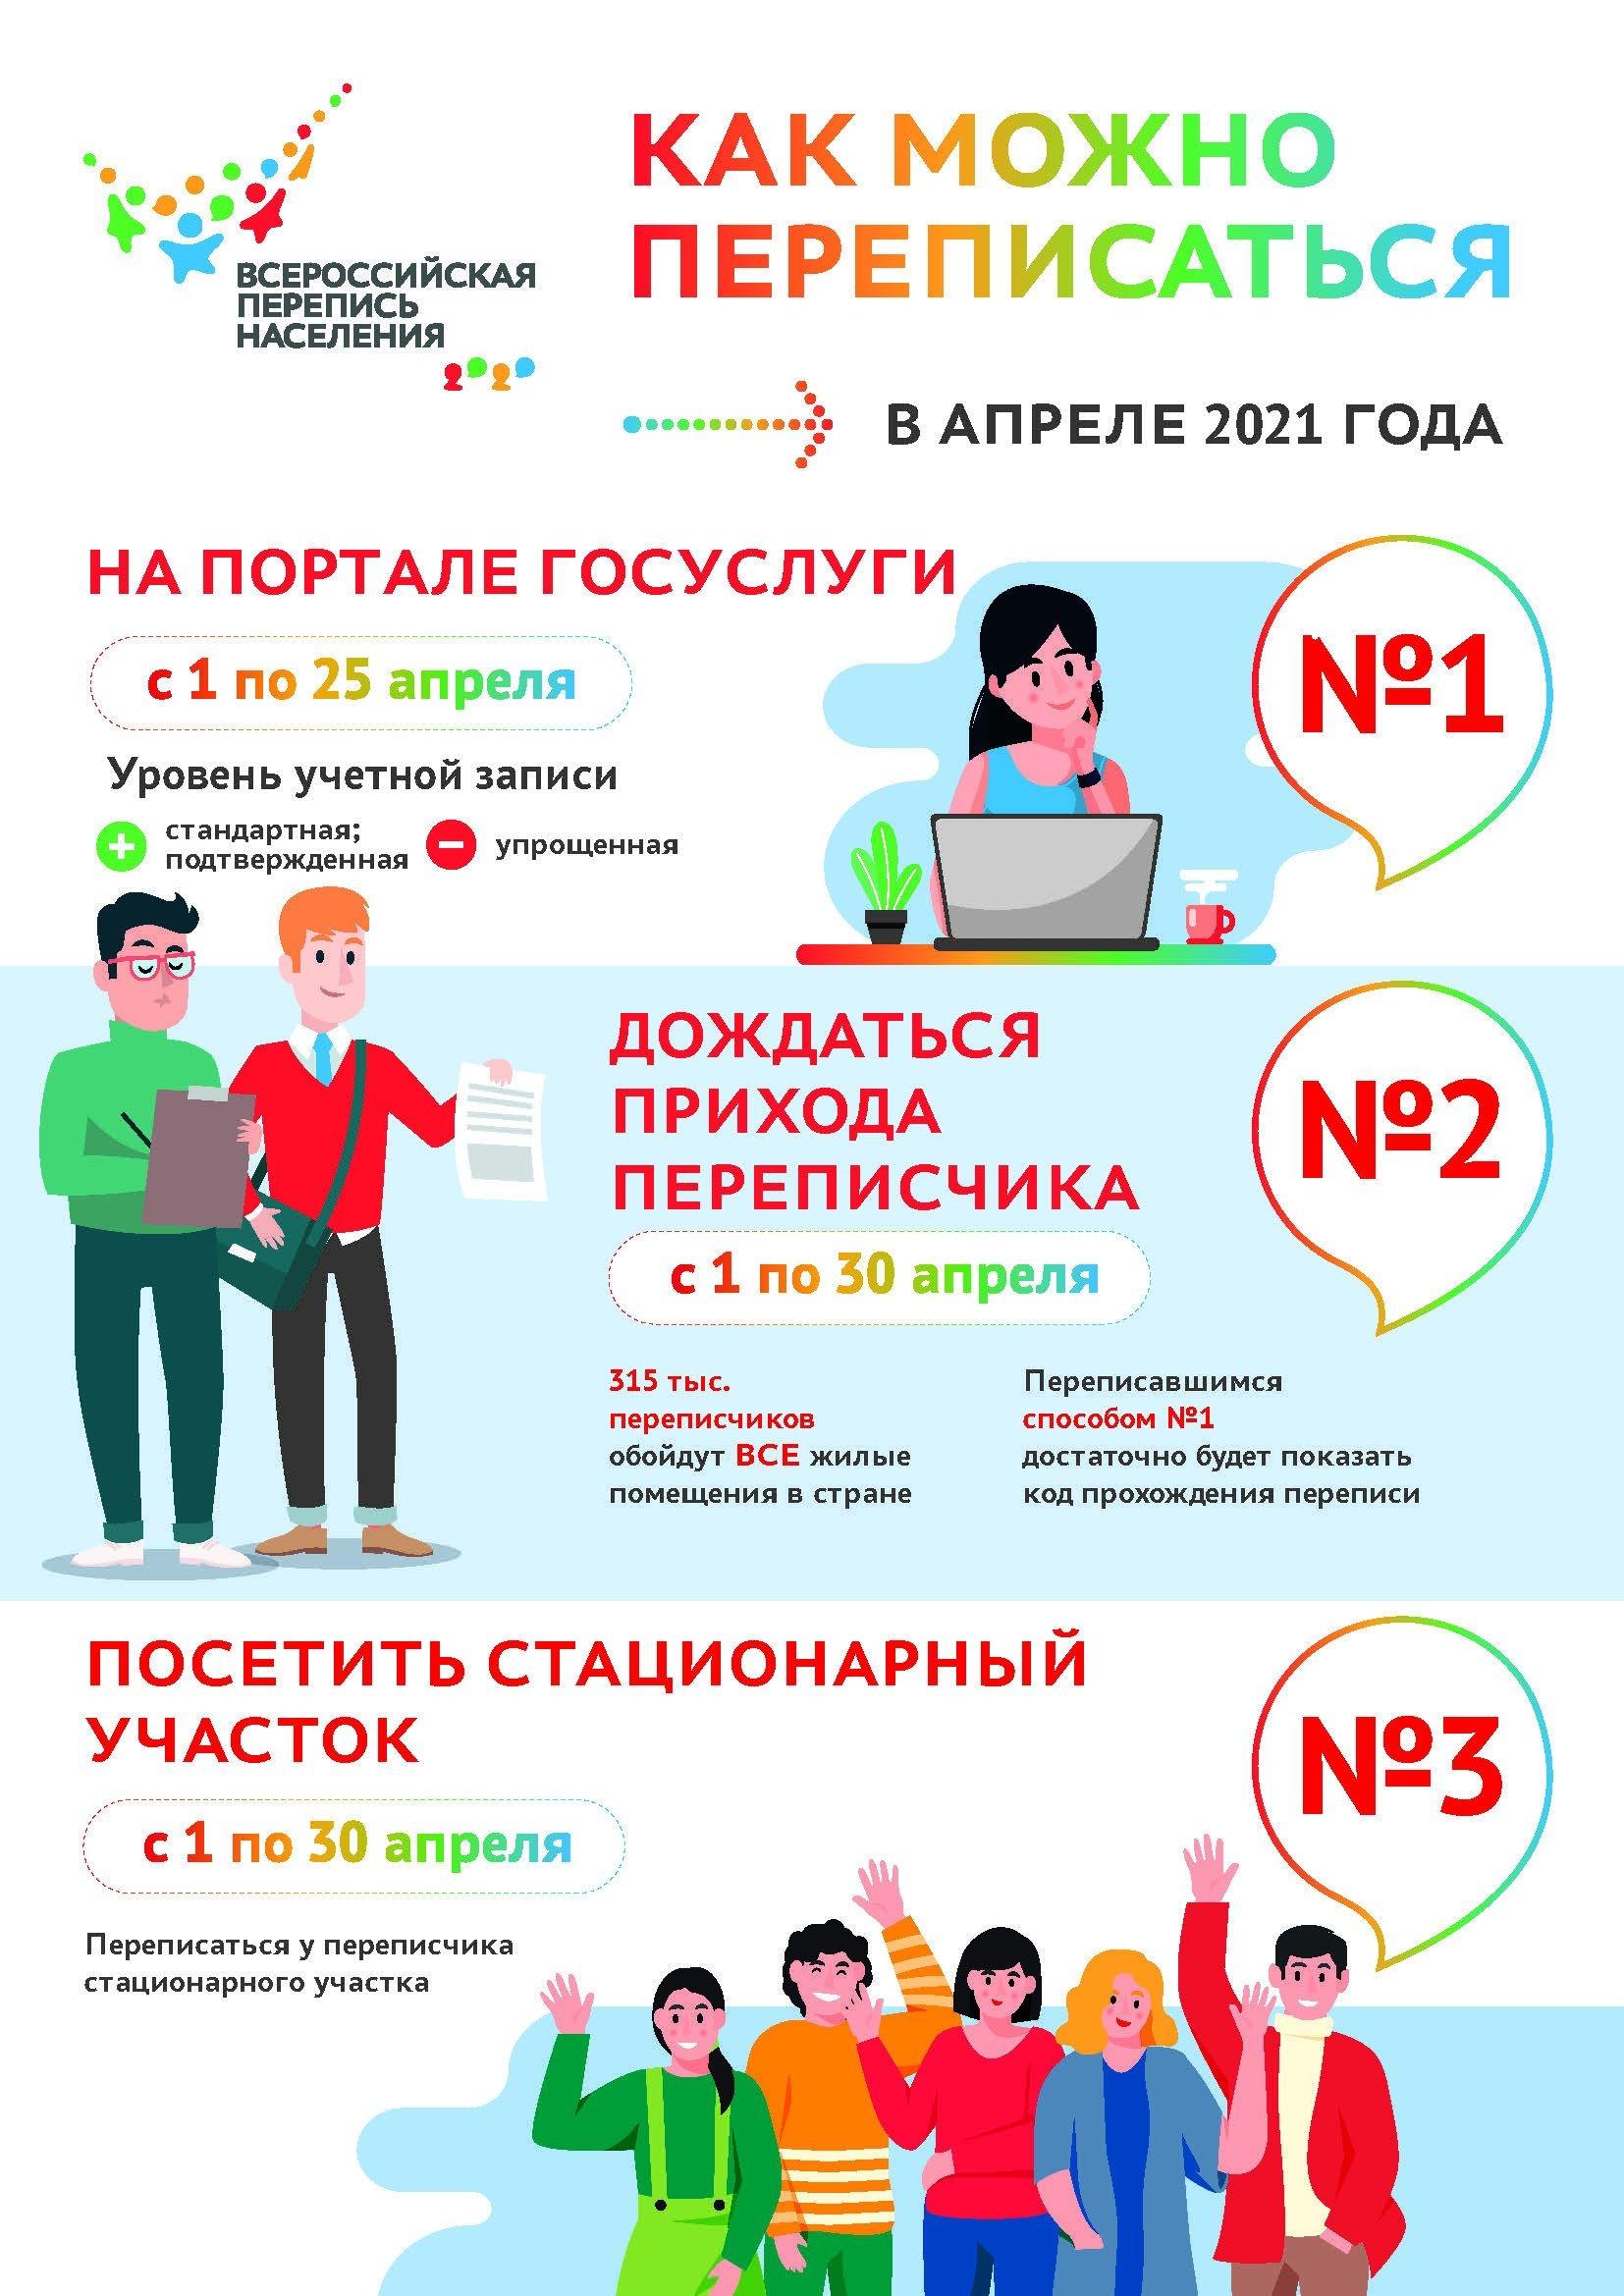 Всероссийская Перепись Населения В Апреле 2021 Года